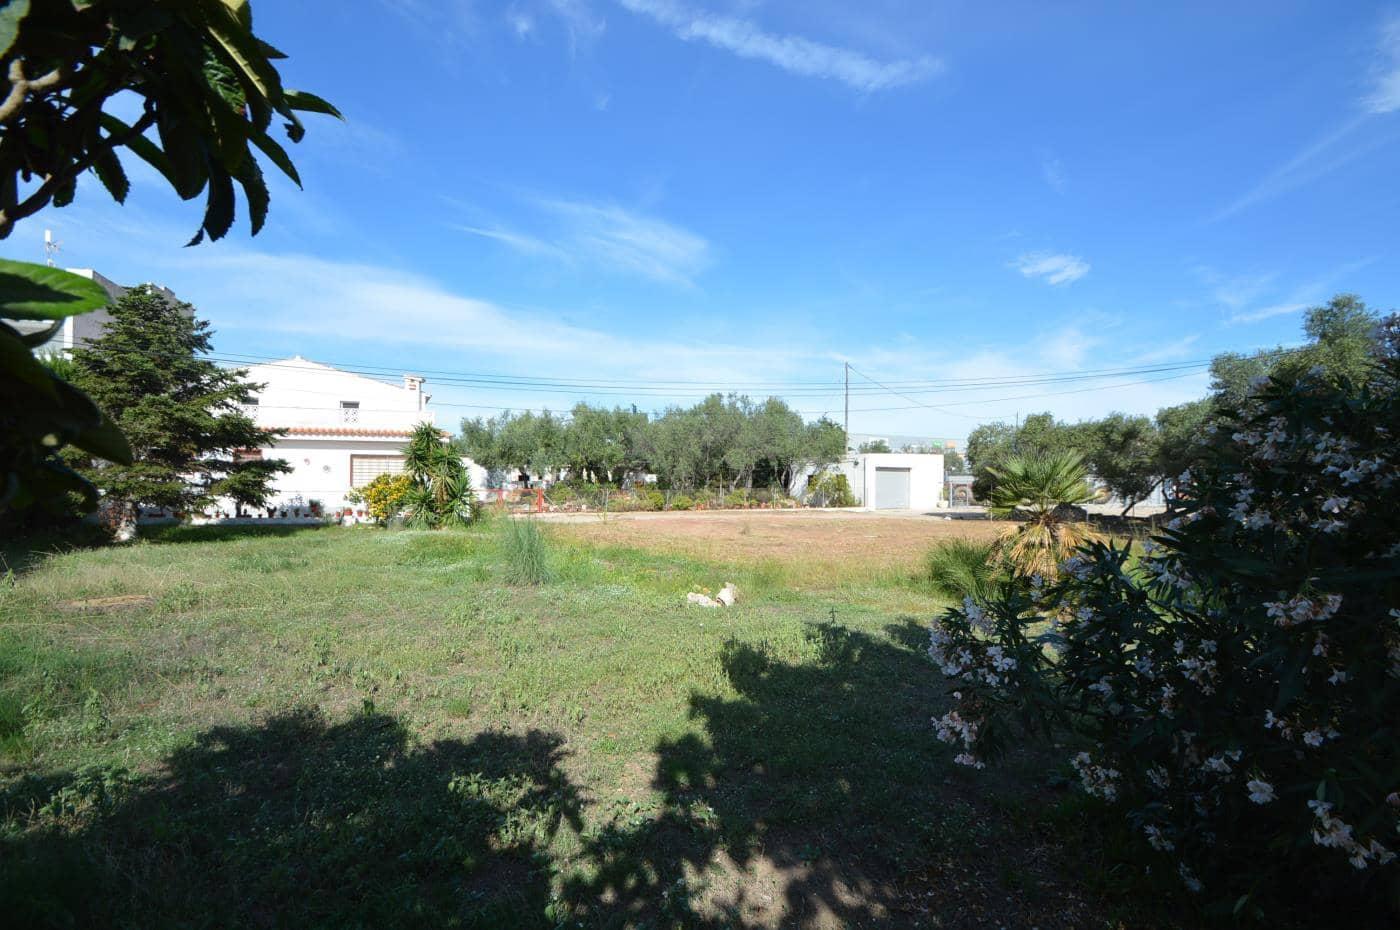 6 chambre Local Commercial à vendre à Vinaros avec garage - 245 000 € (Ref: 4890338)